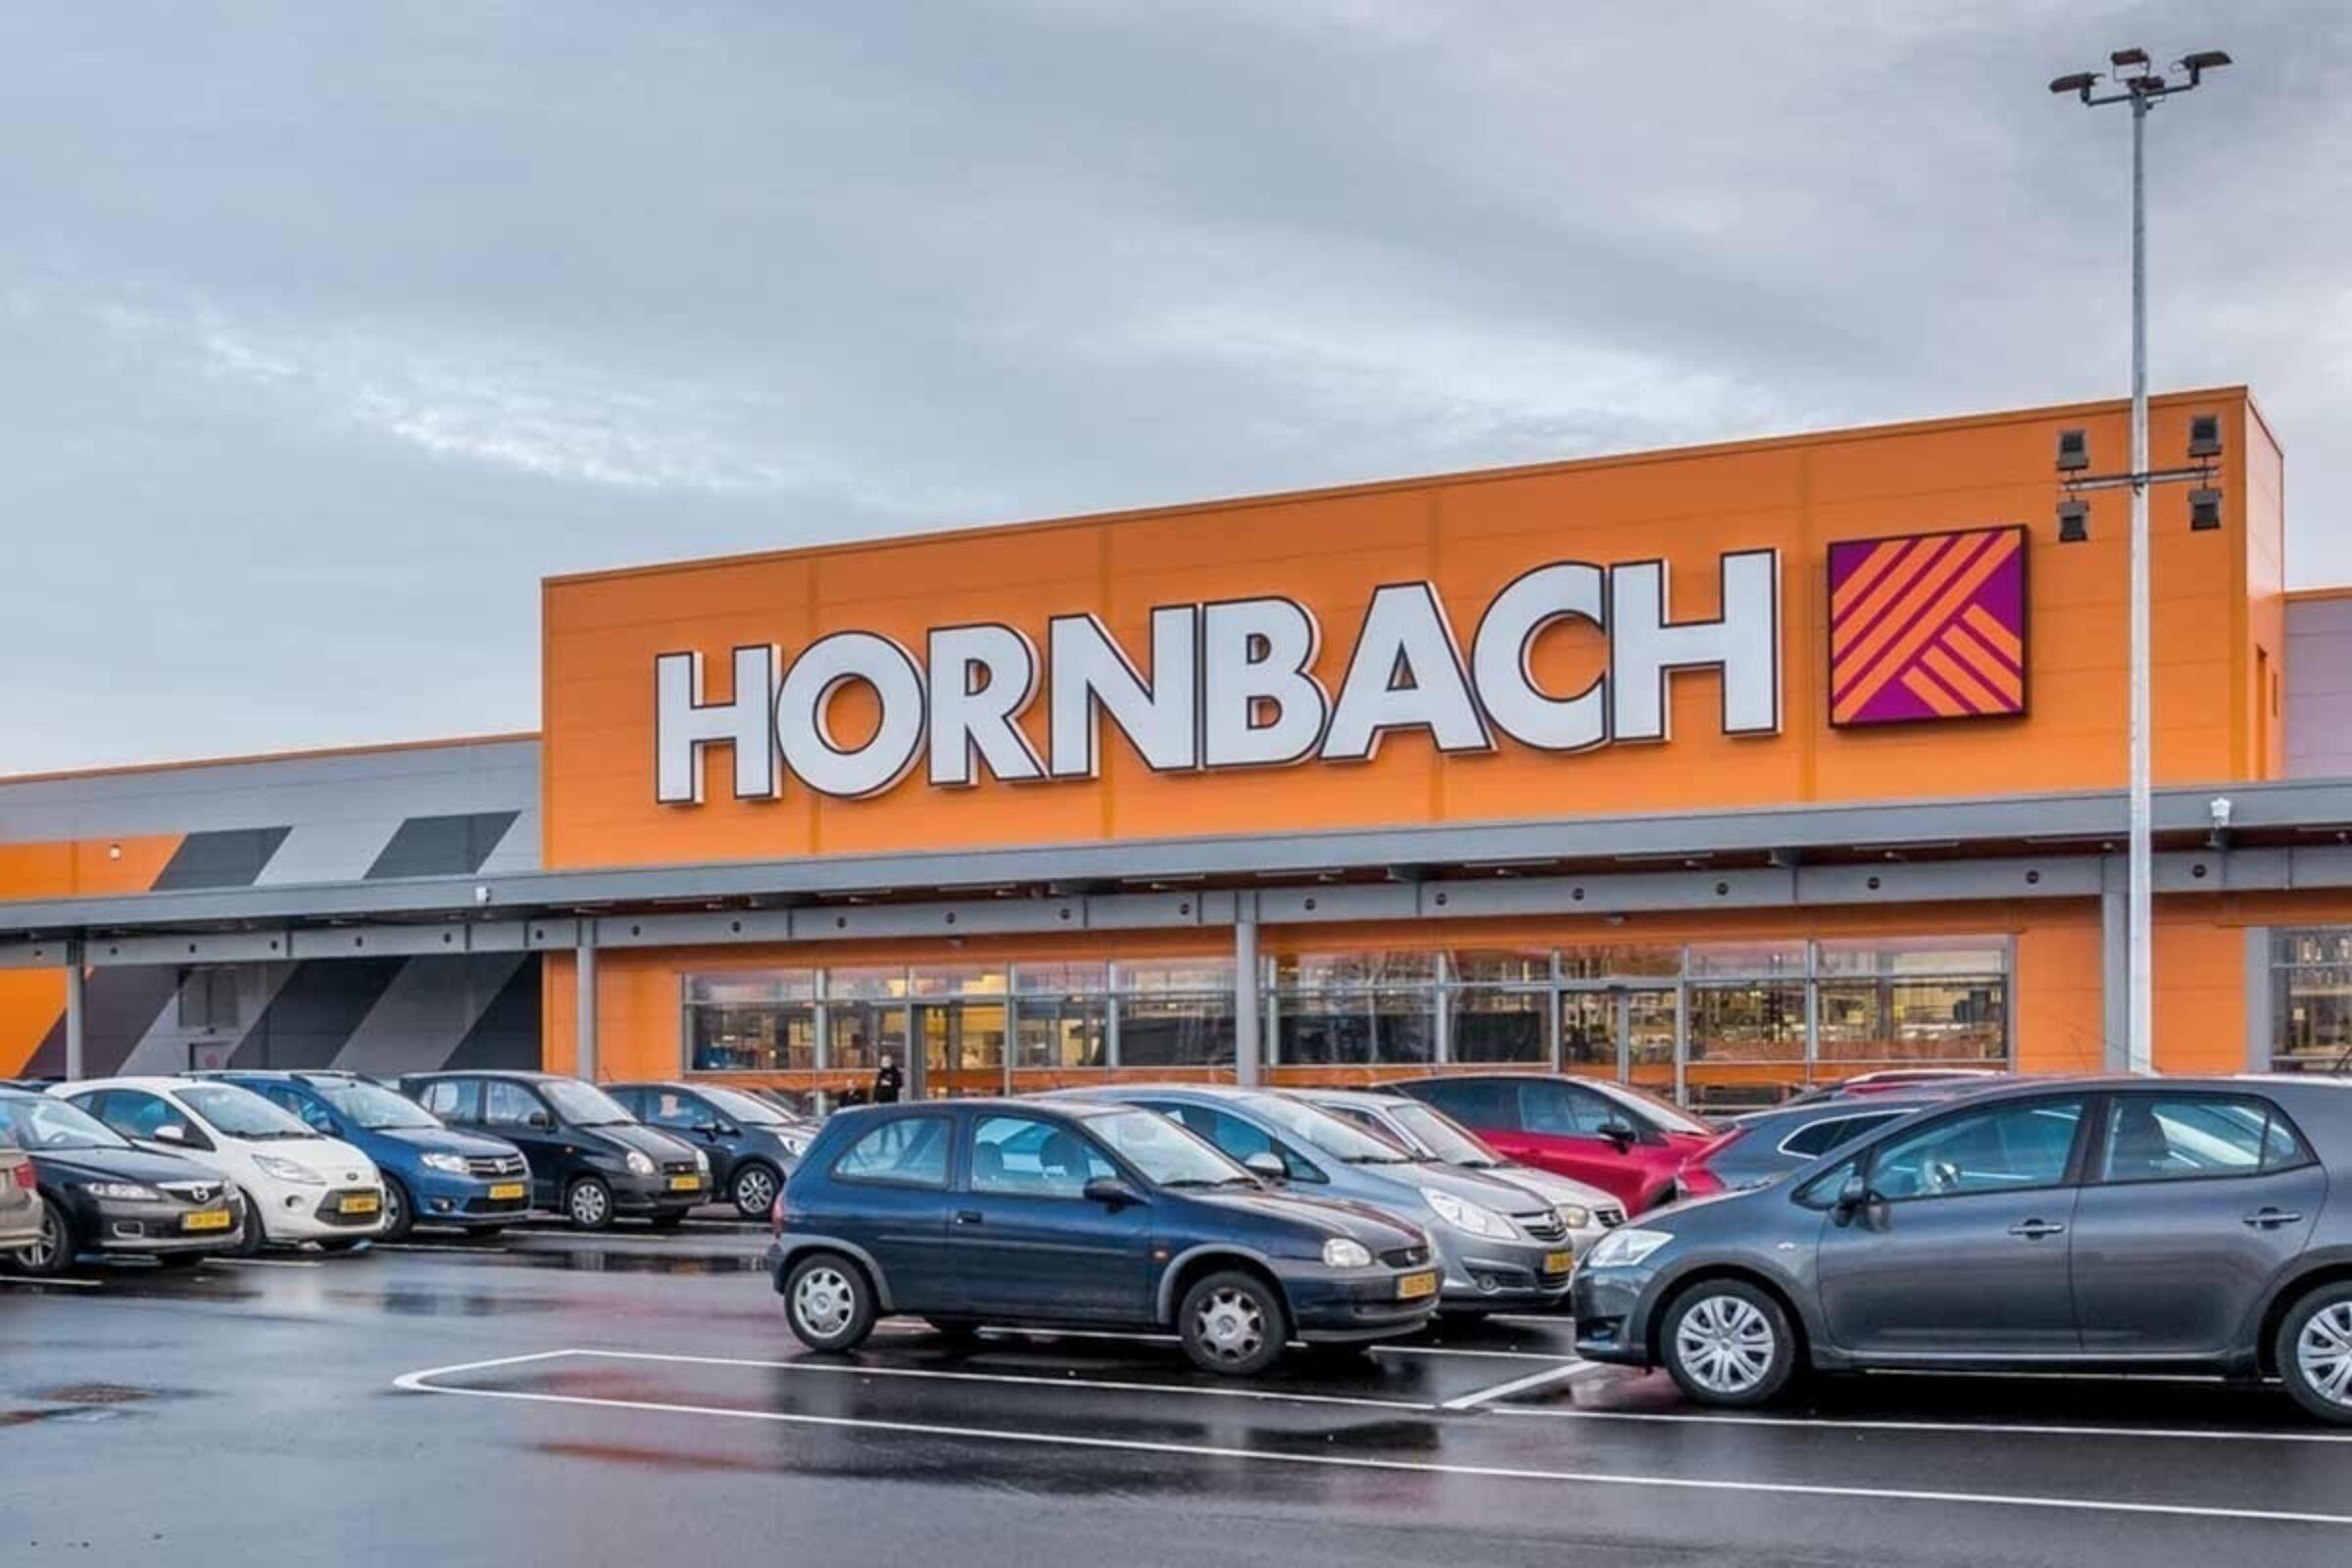 Hornbach Enschede 3831 1580303741 35i1wpkgti